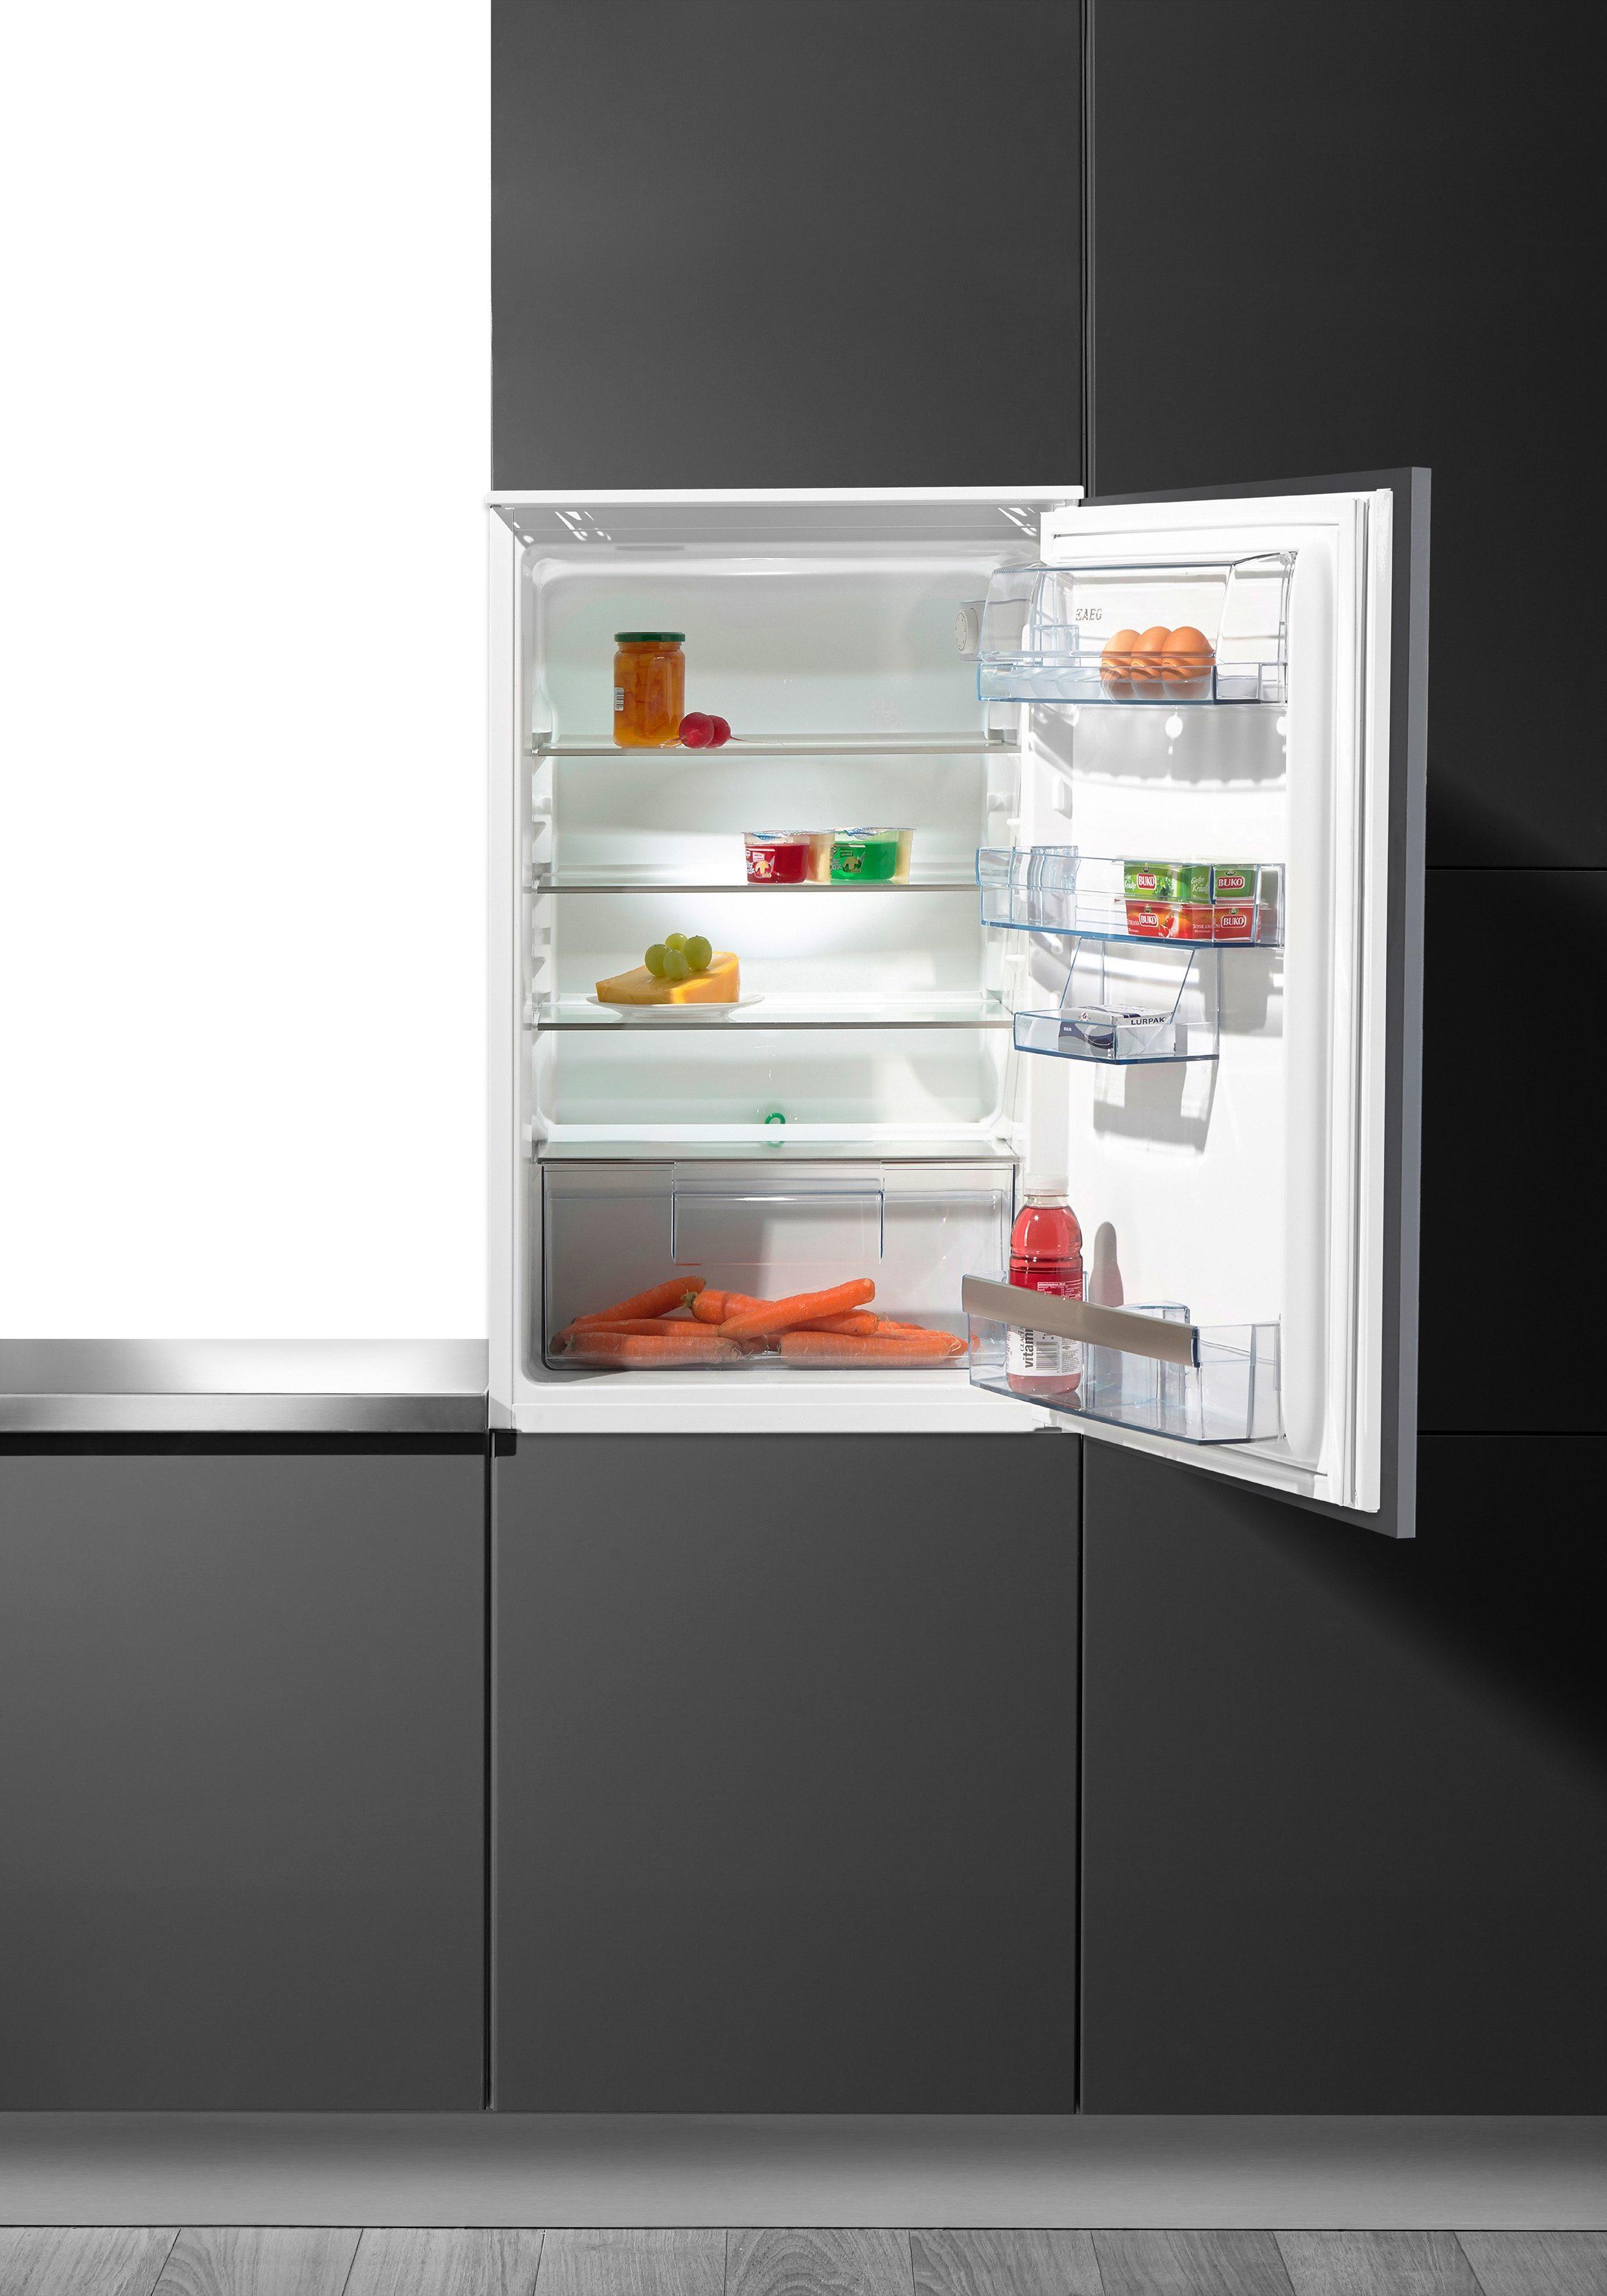 AEG integrierbarer Einbaukühlschrank SANTO SKS68800S2, A++, 87,3 cm hoch